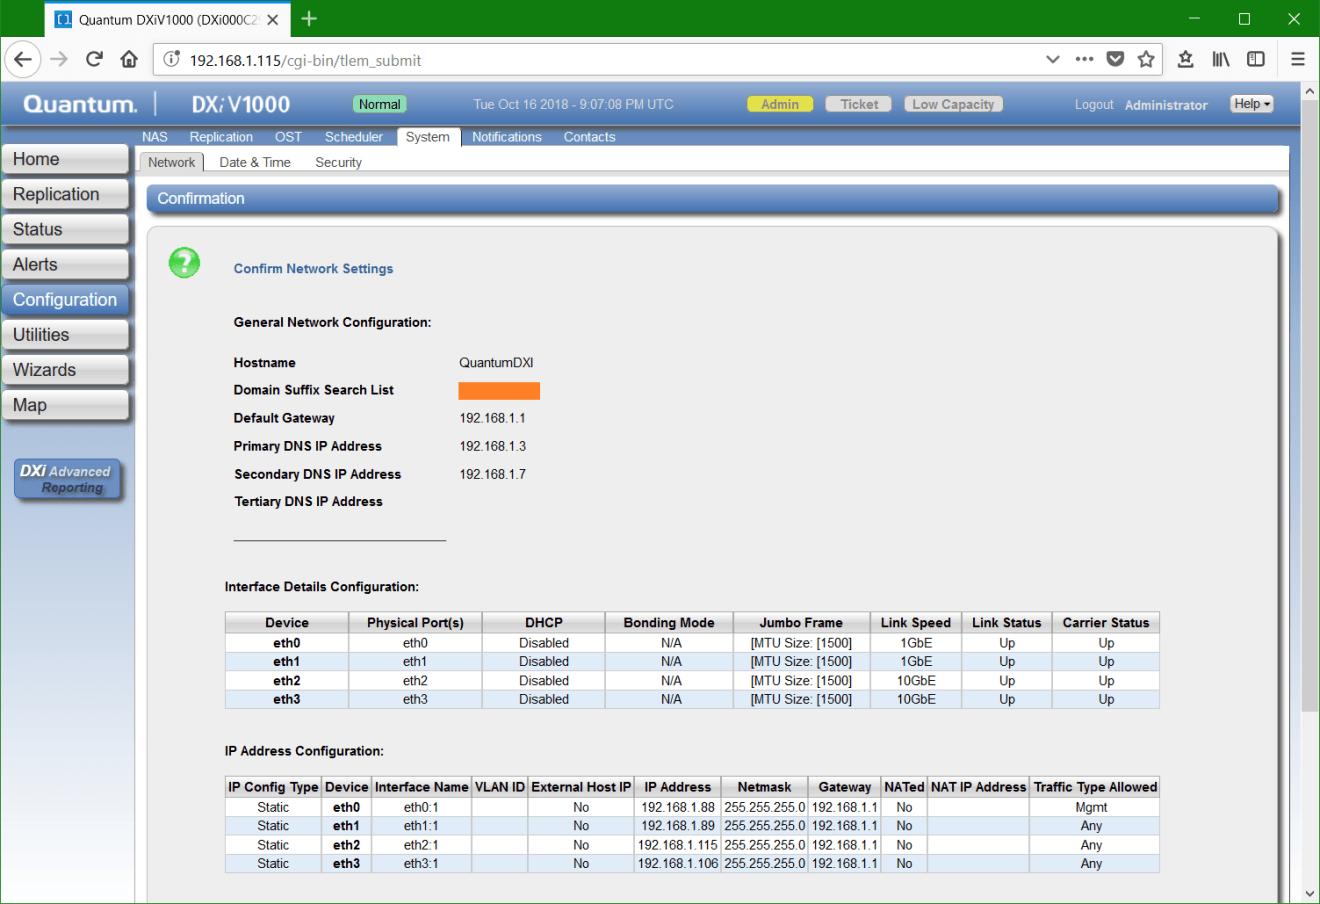 domalab.com Quantum DXi network configuration